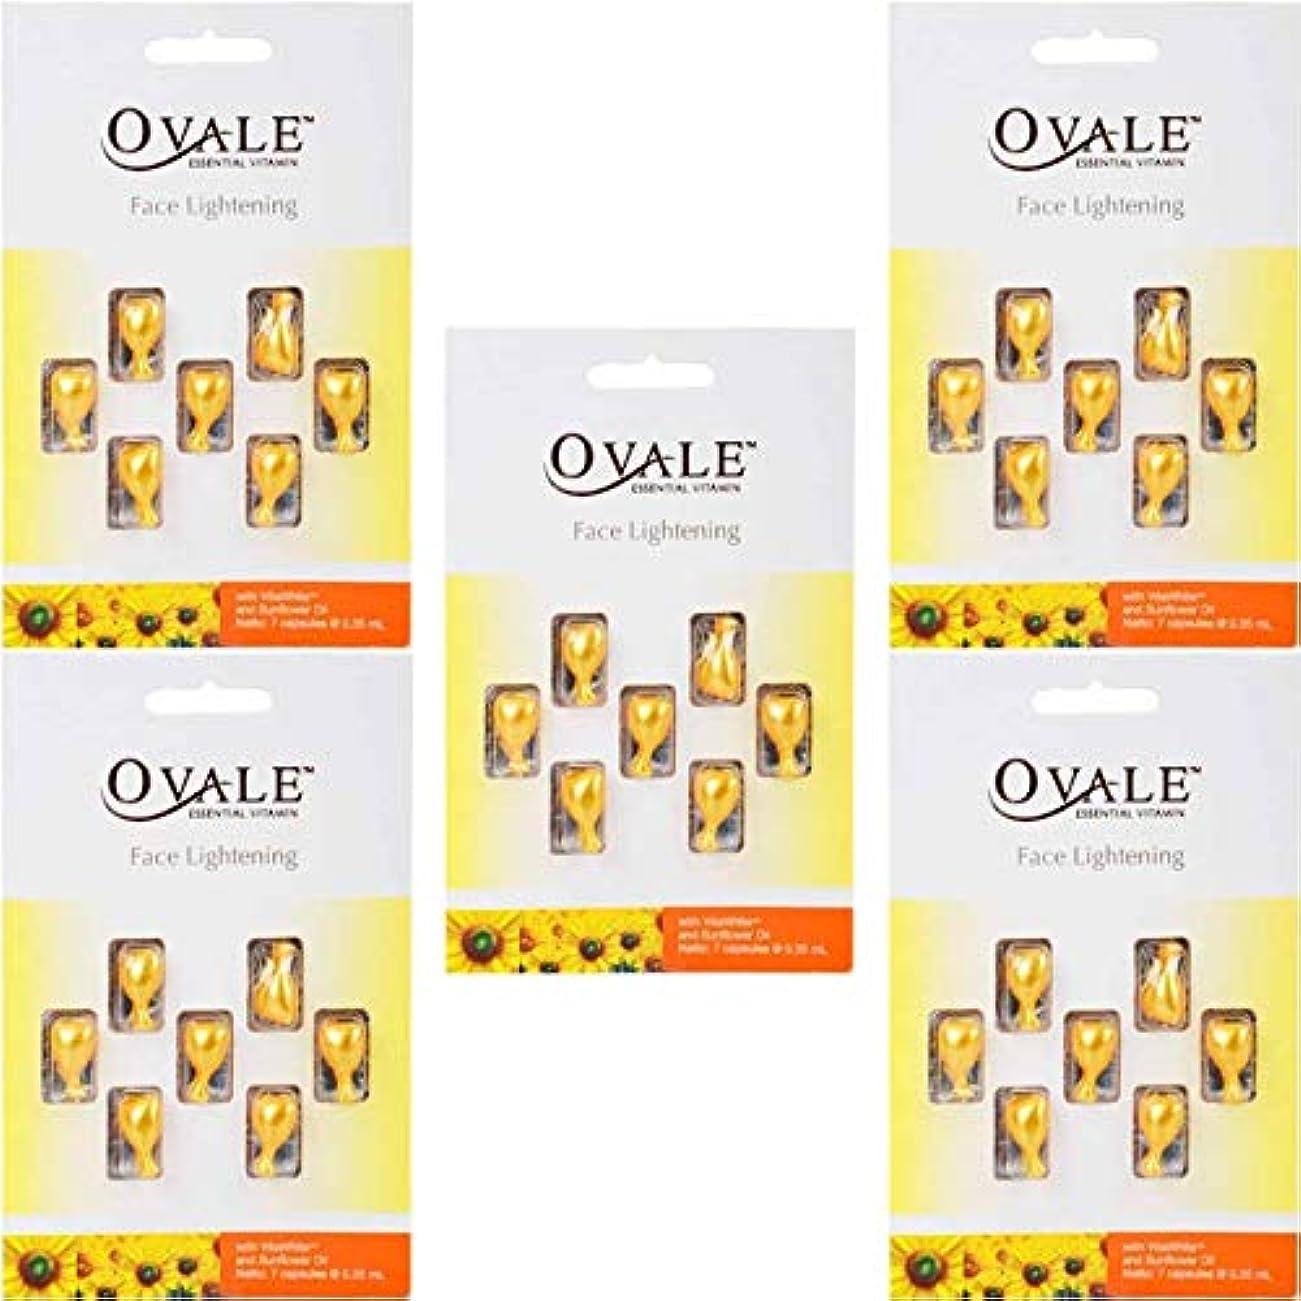 のど泳ぐ湾Ovale オーバル フェイシャル美容液 essential vitamin エッセンシャルビタミン 7粒入シート×5枚セット サンフラワー [海外直送品]